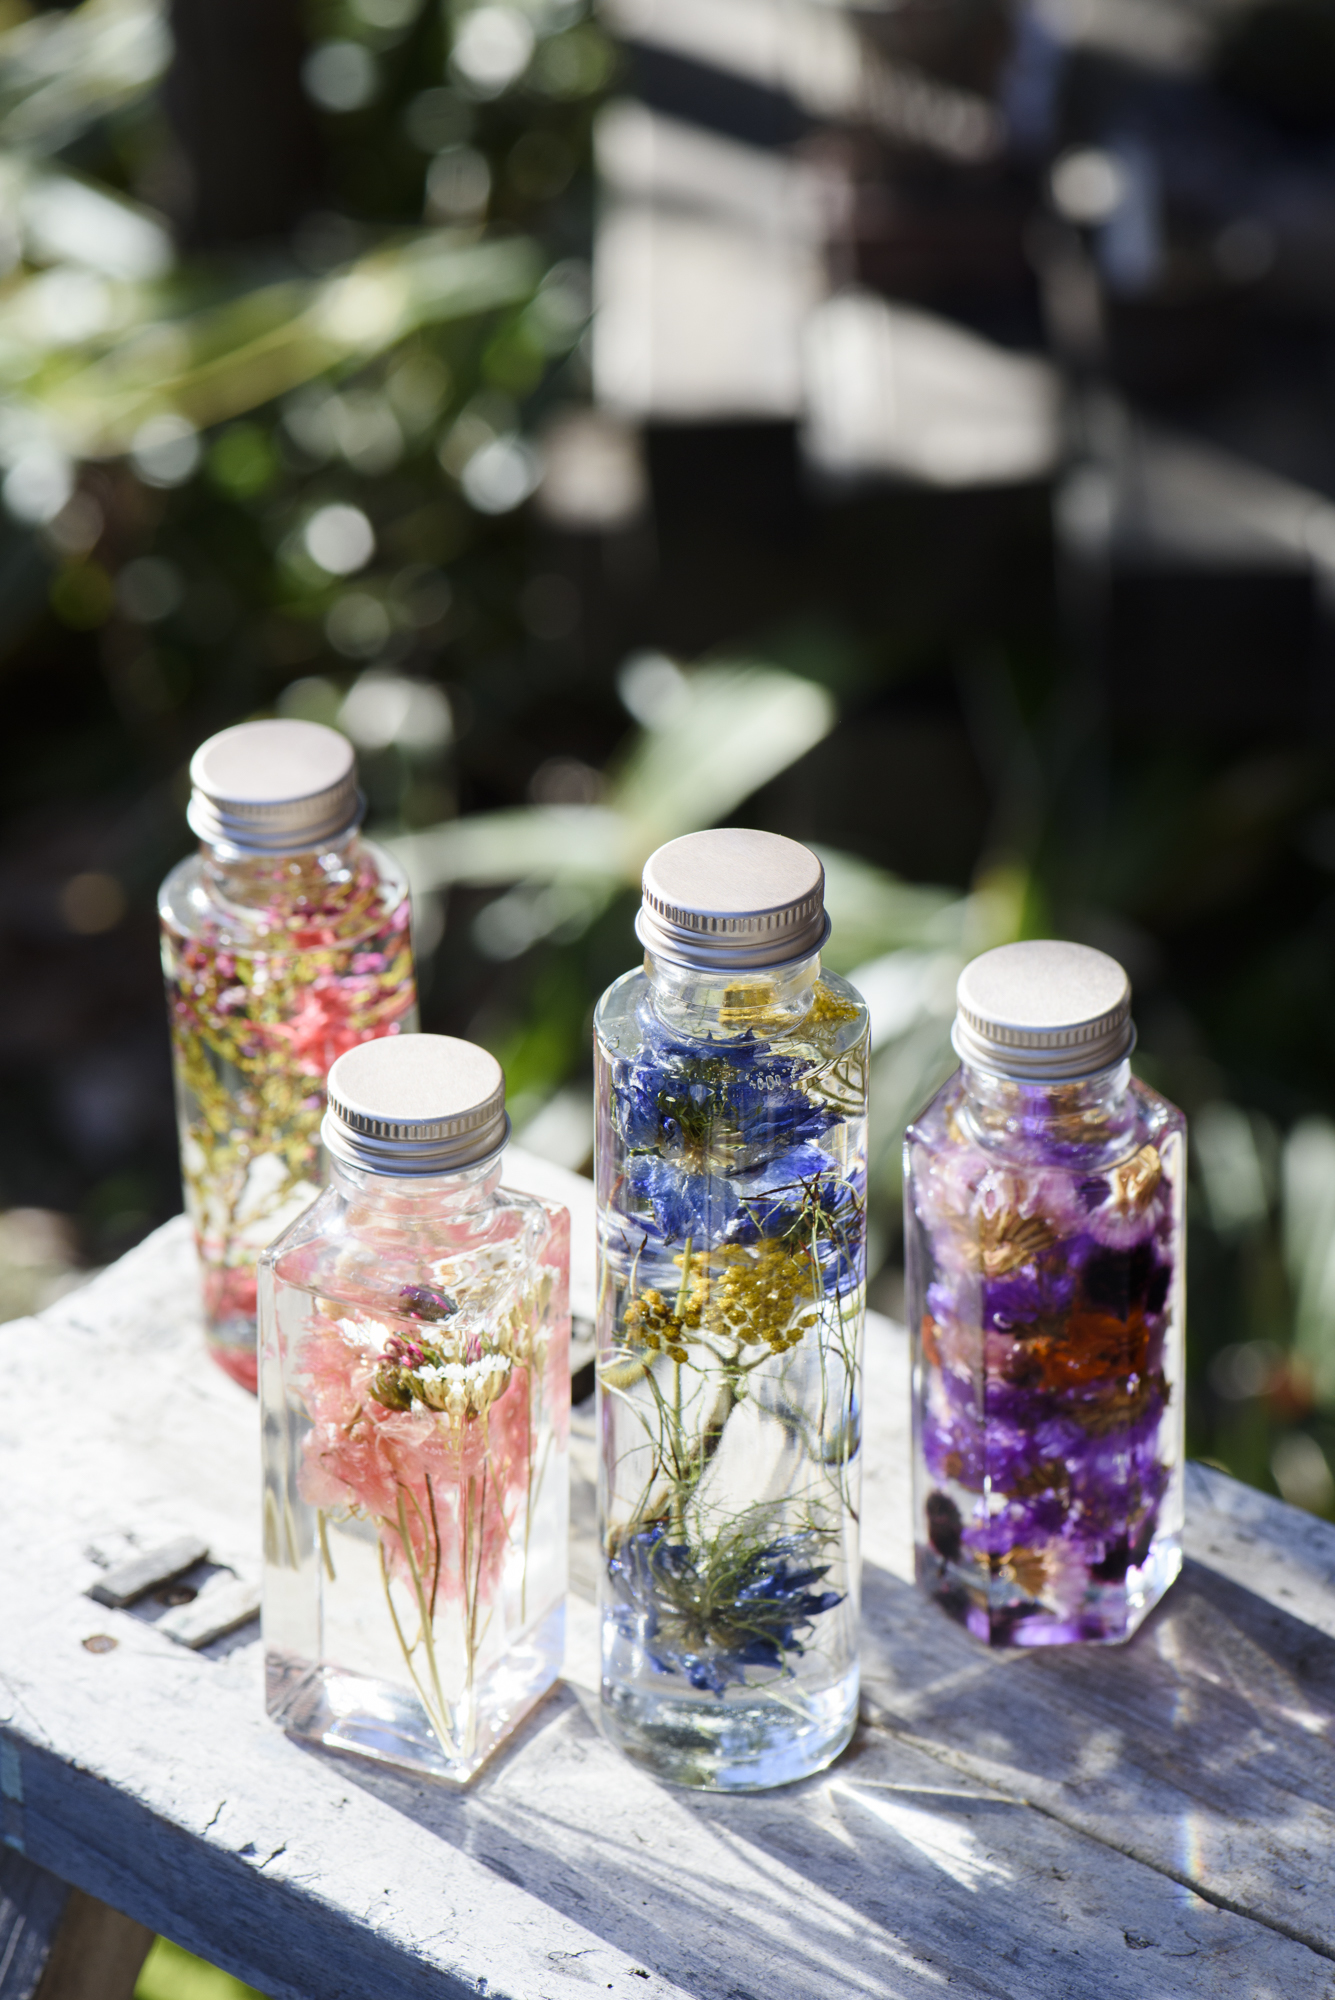 [書籍]『ハーバリウム―美しさを閉じこめる植物標本の作り方: お手入れ不要、長く飾って楽しめる花の雑貨』 - 画像2